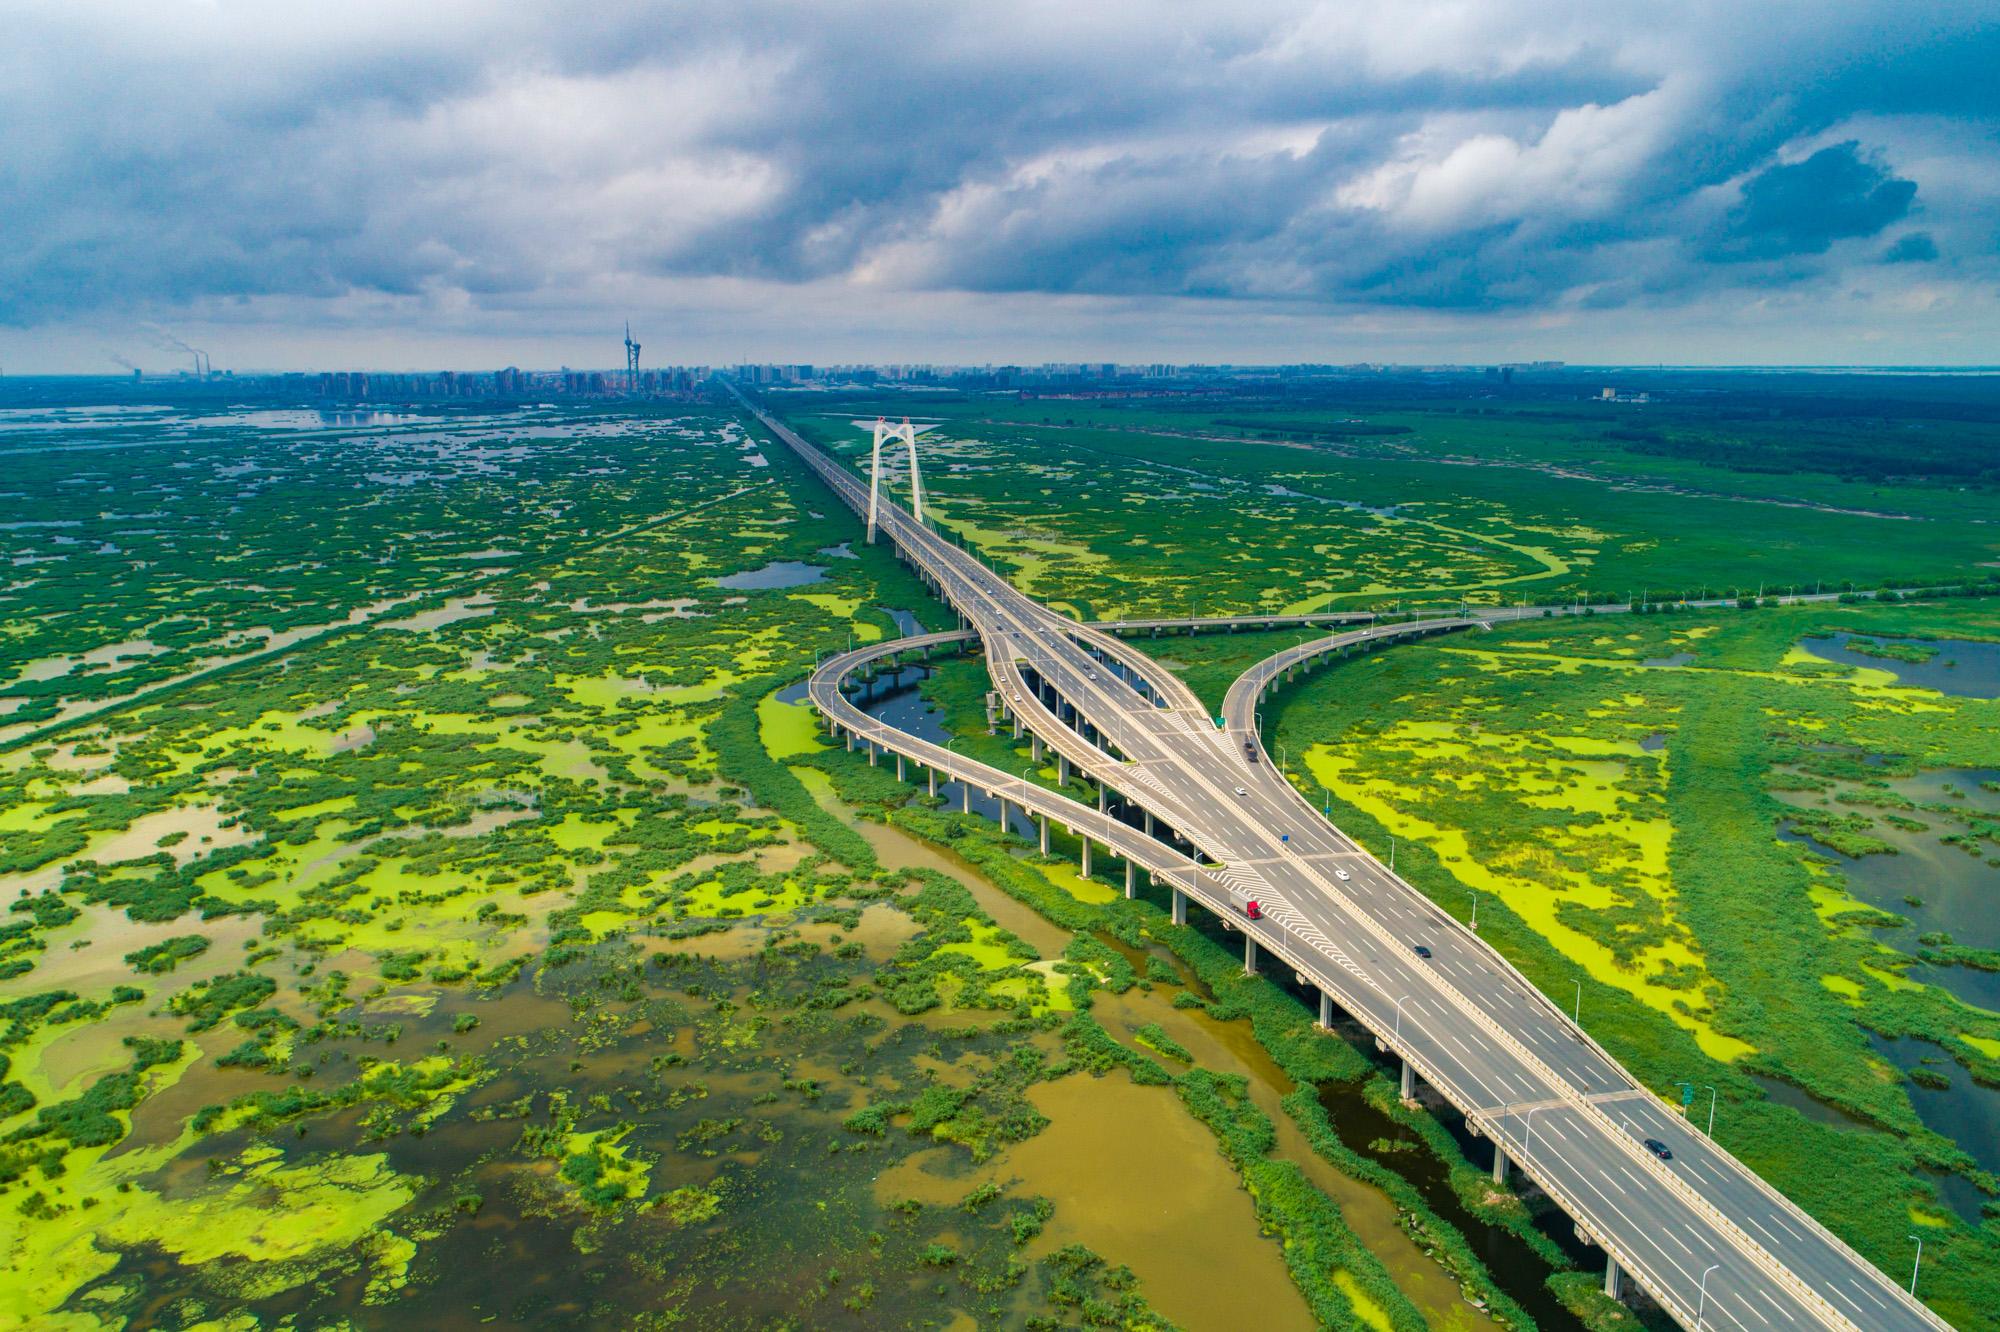 大桥全景2-2.jpg